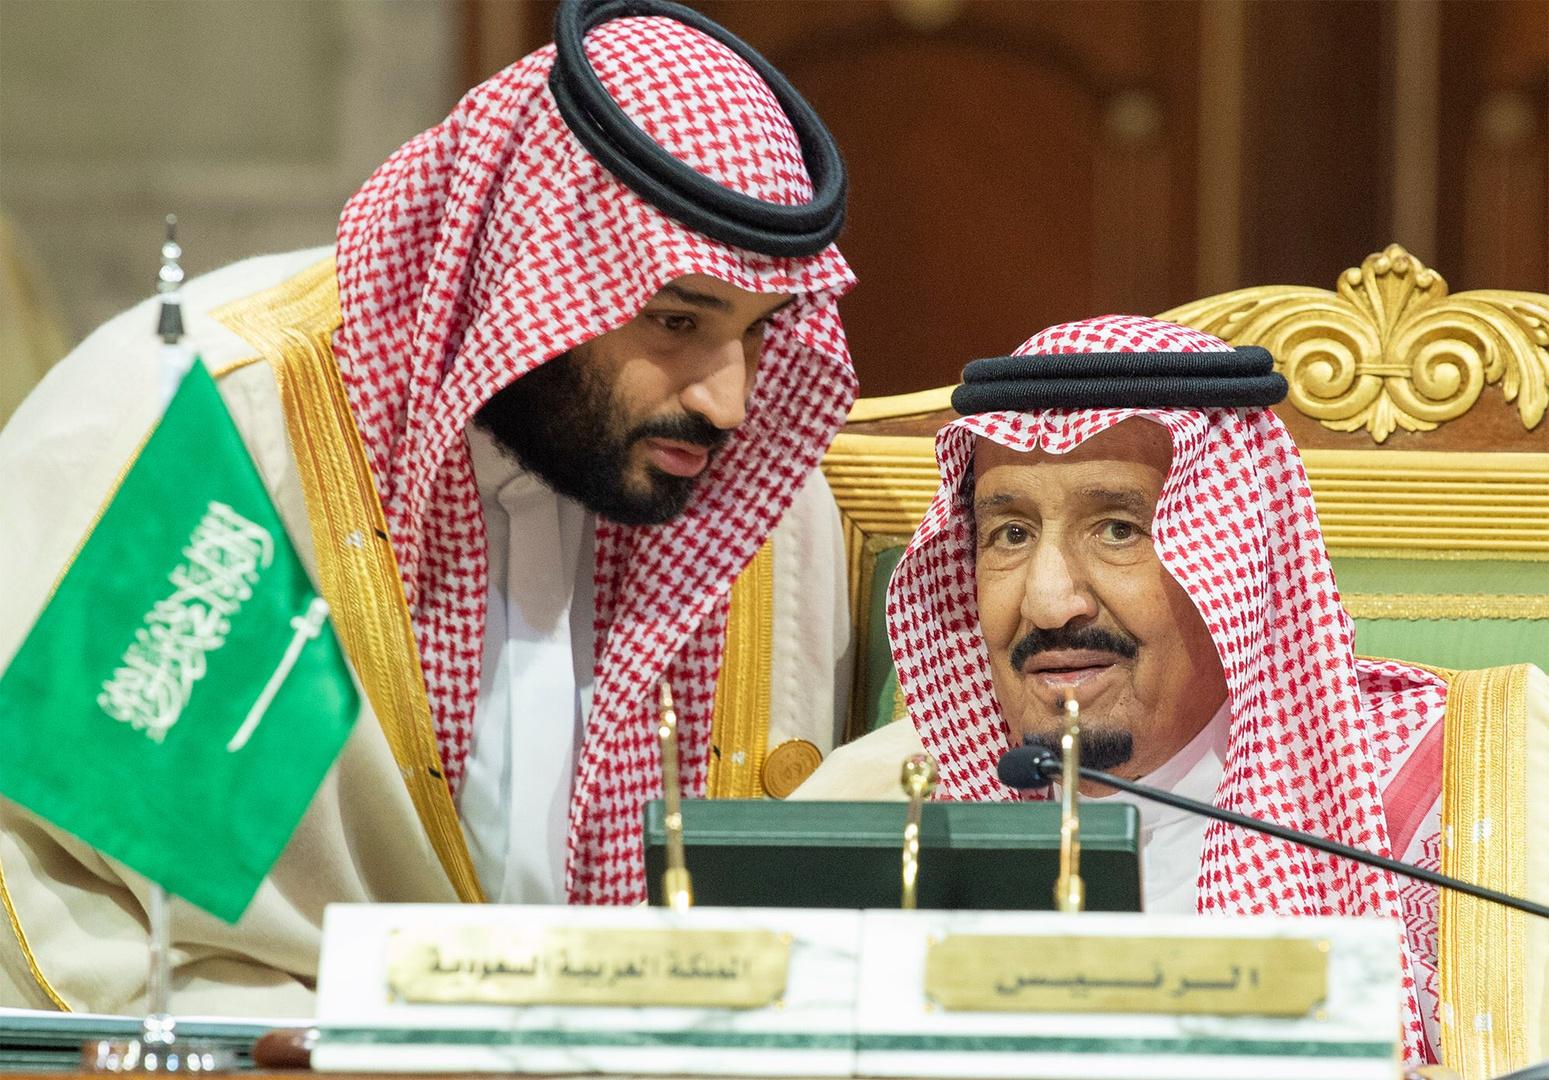 السعودية.. الملك سلمان بن عبد العزيز وولي العهد يؤديان صلاة عيد الفطر (صور+فيديو)